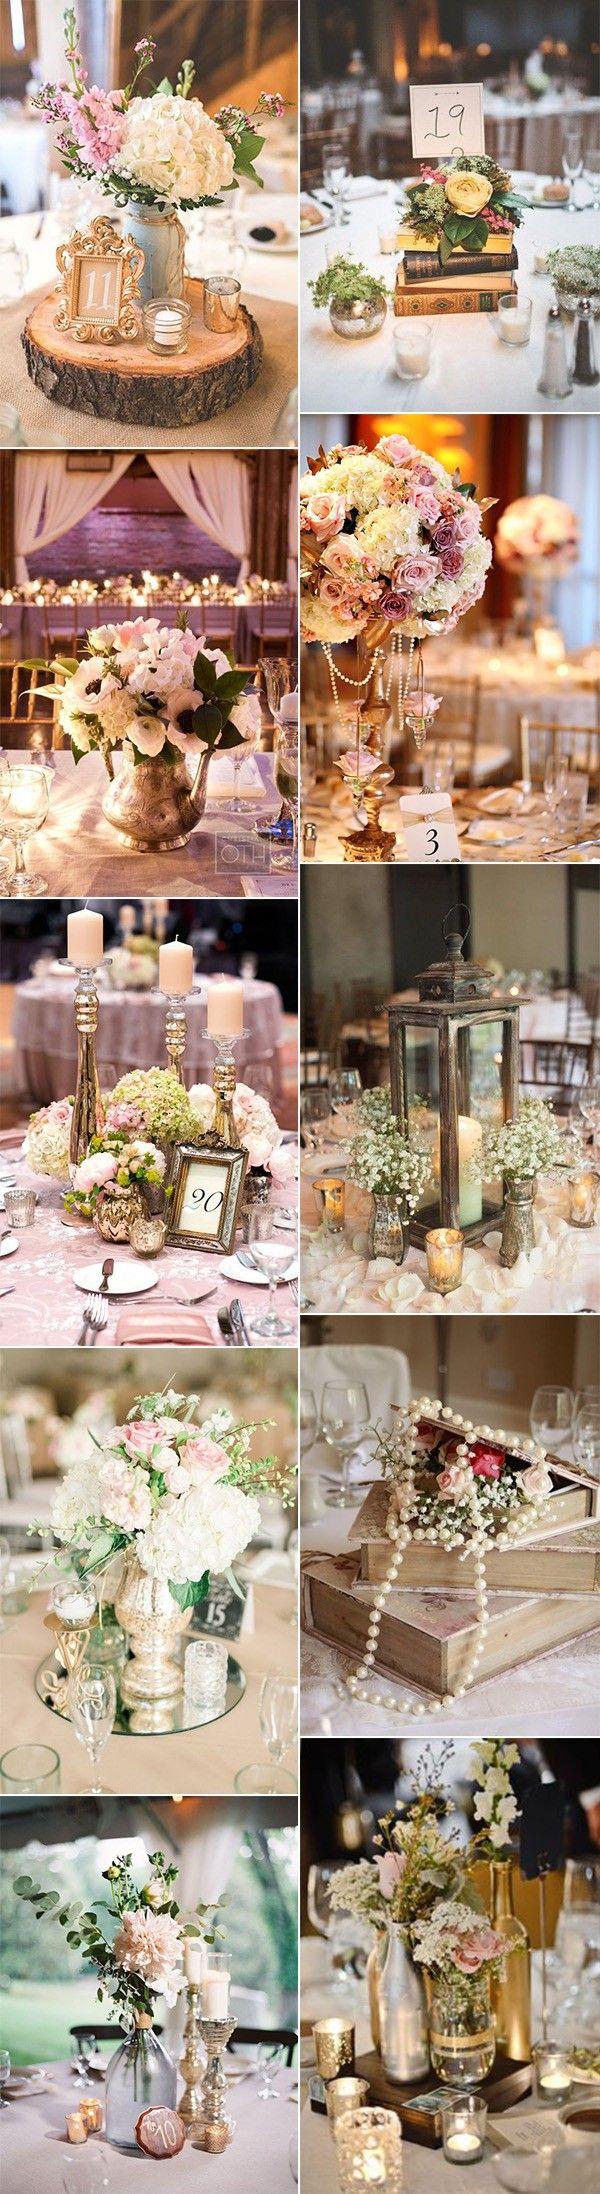 chic vintage wedding centerpiece ideas #vintagewedding #weddingdecor #weddingcenterpieces